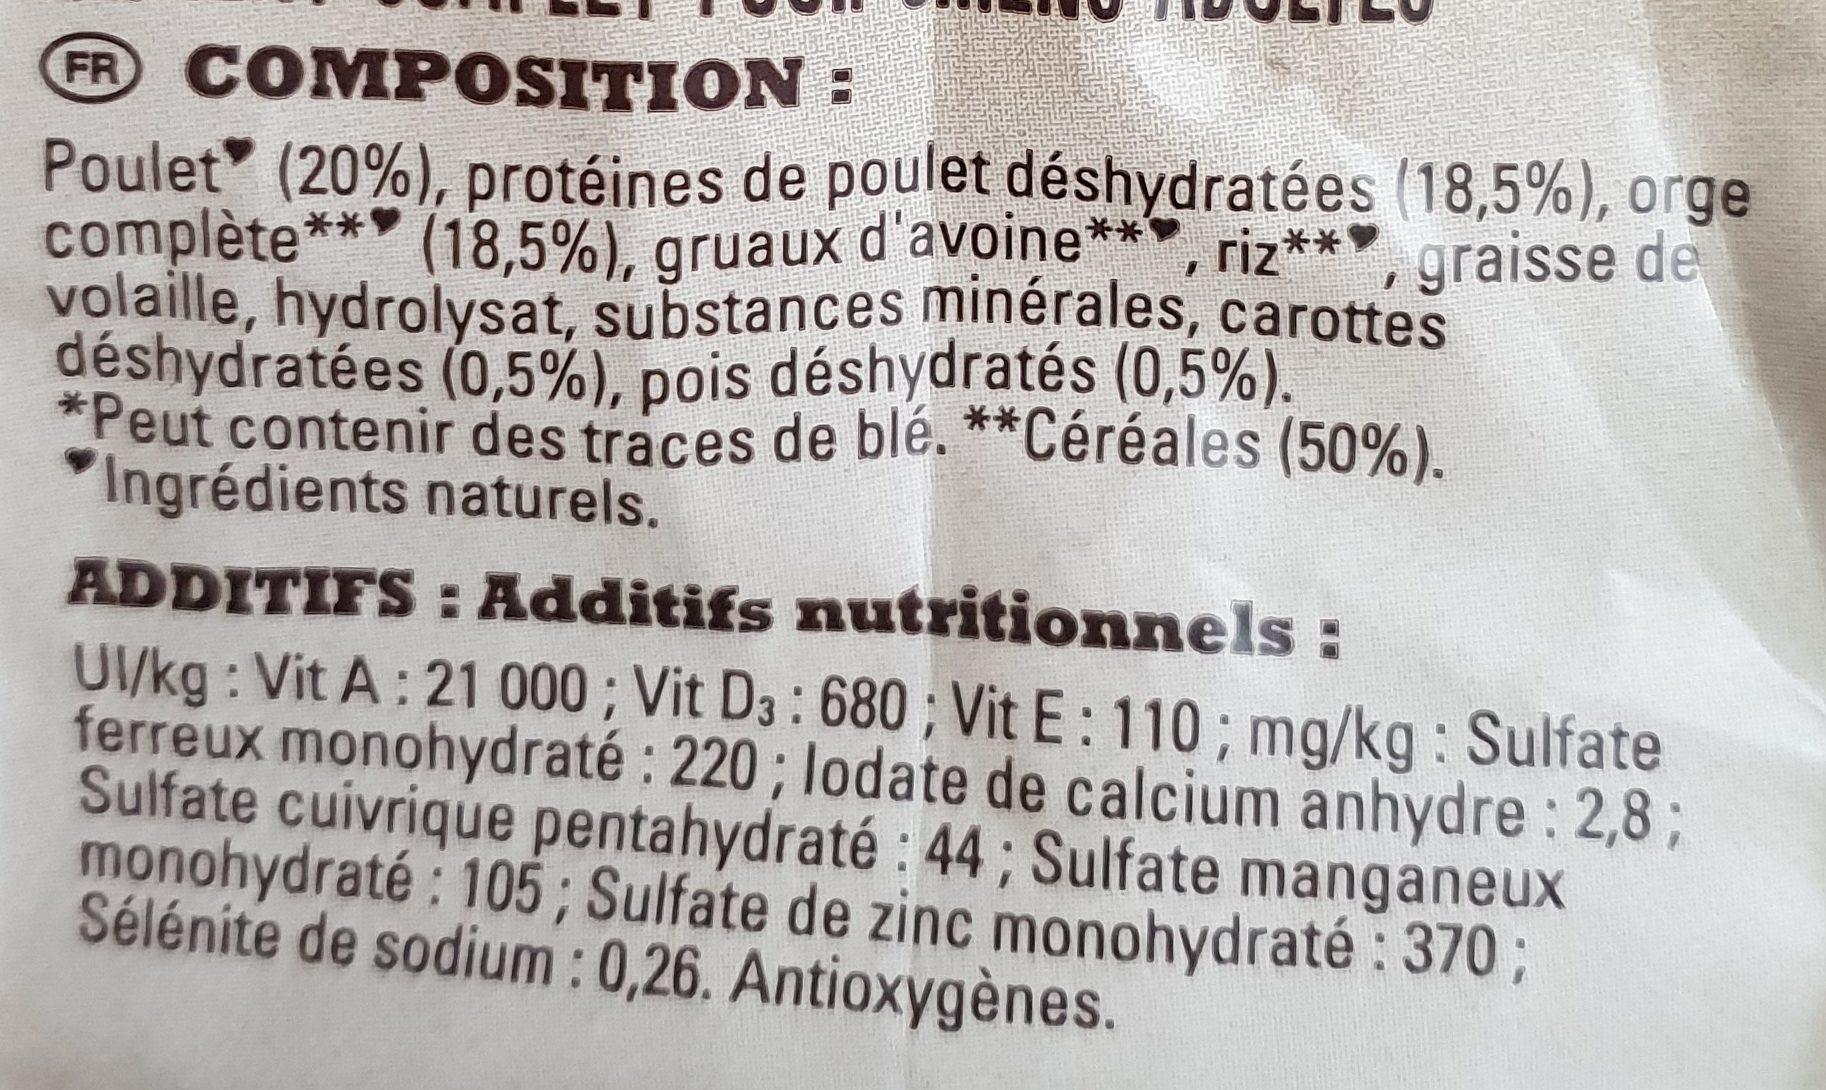 Croquettes Poulet et orge complète - Ingredients